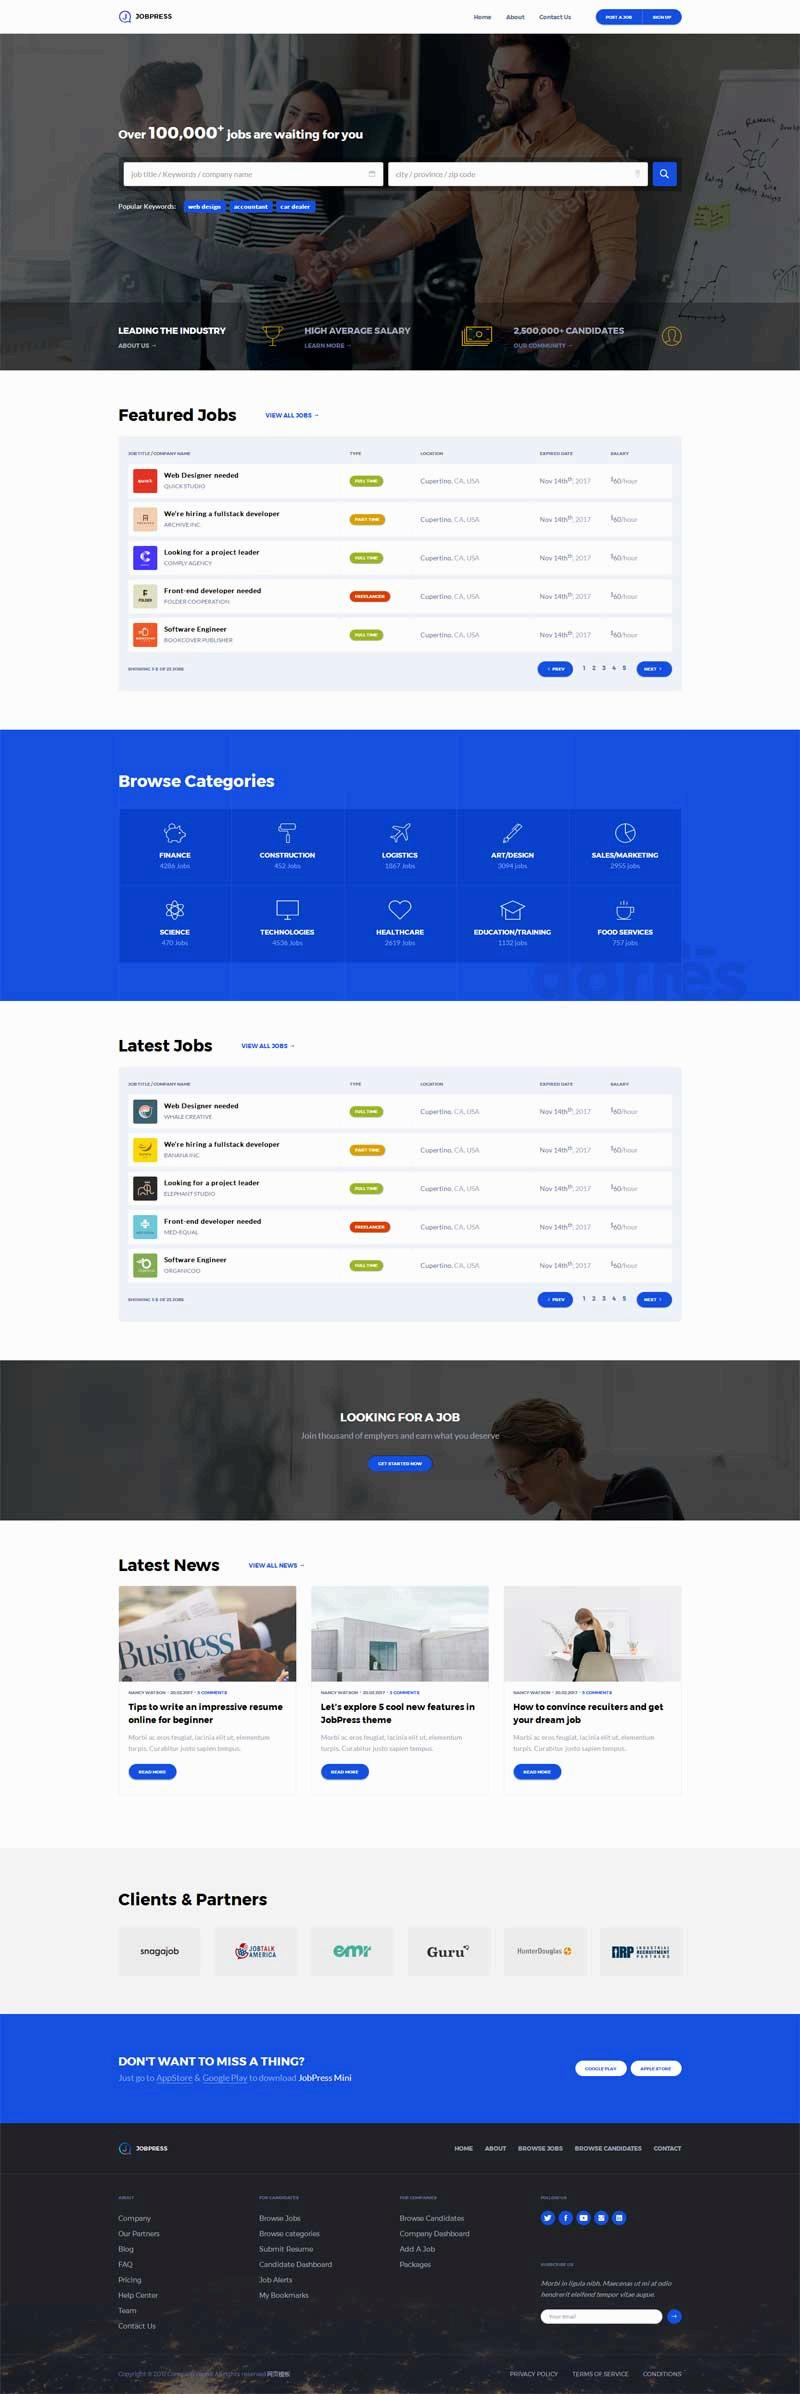 蓝色通用的行业招聘平台网站模板html源码